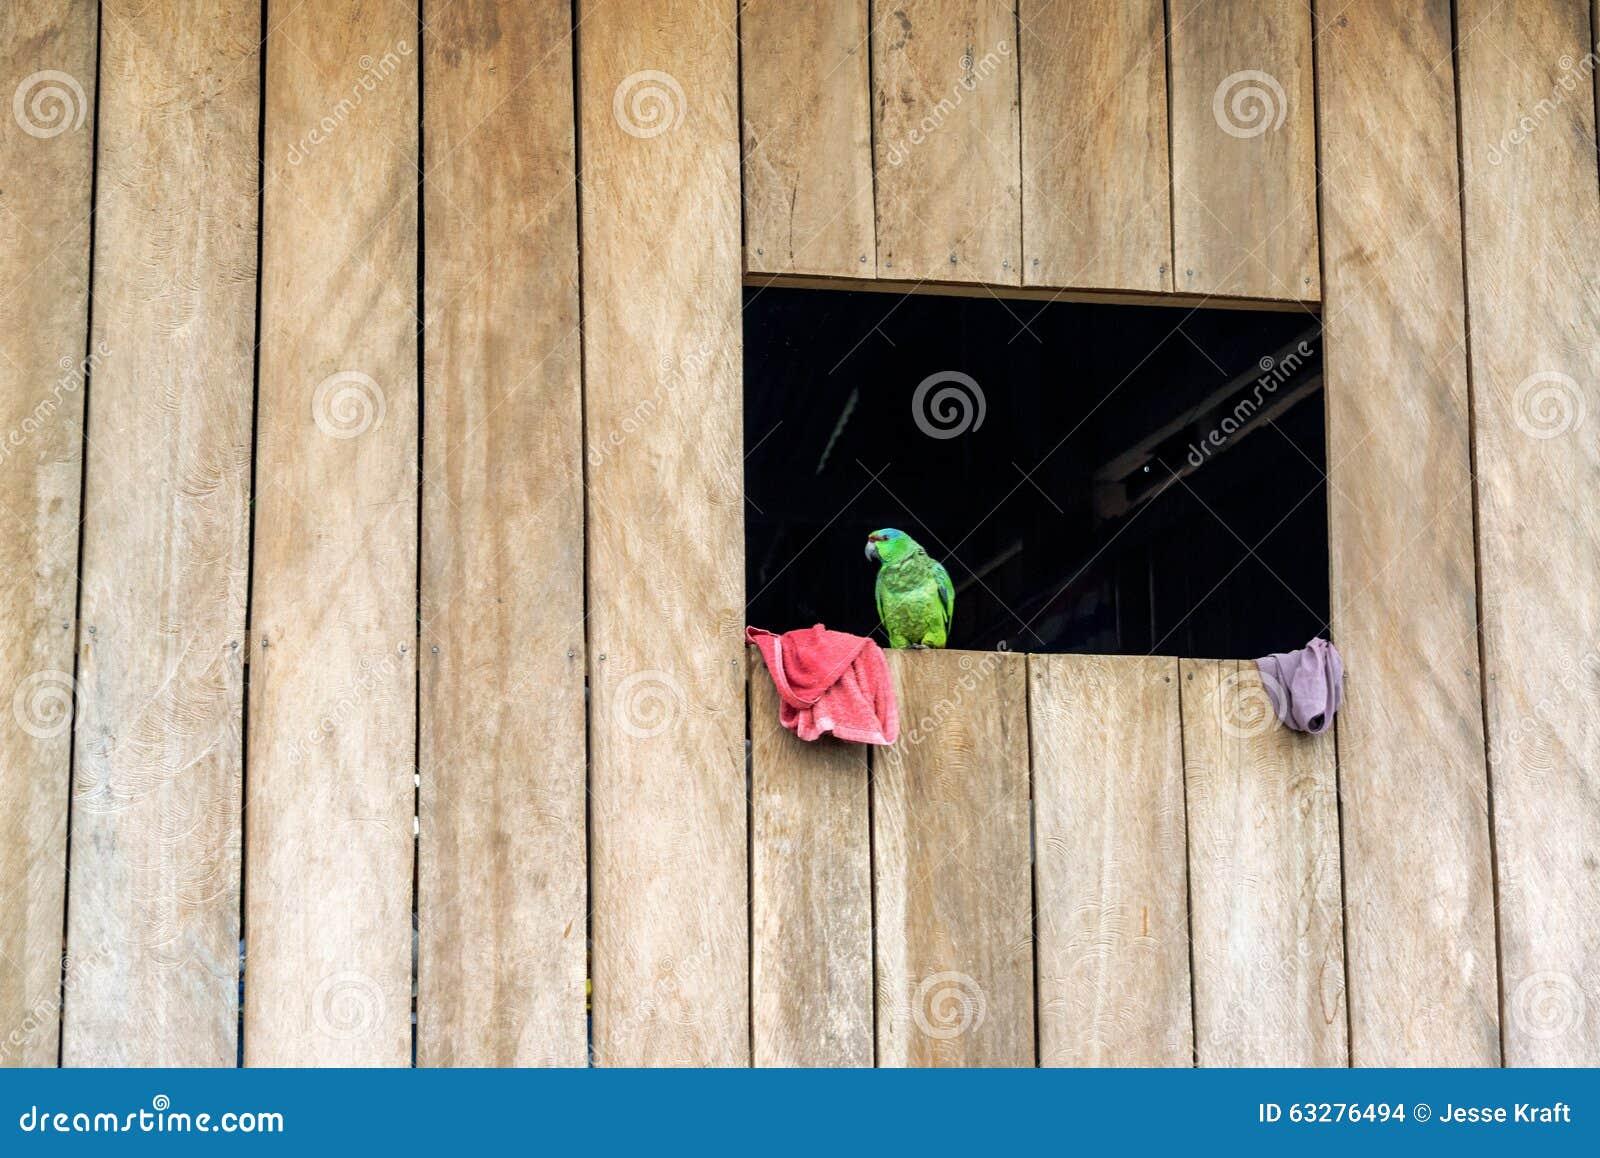 Parrot in a Window